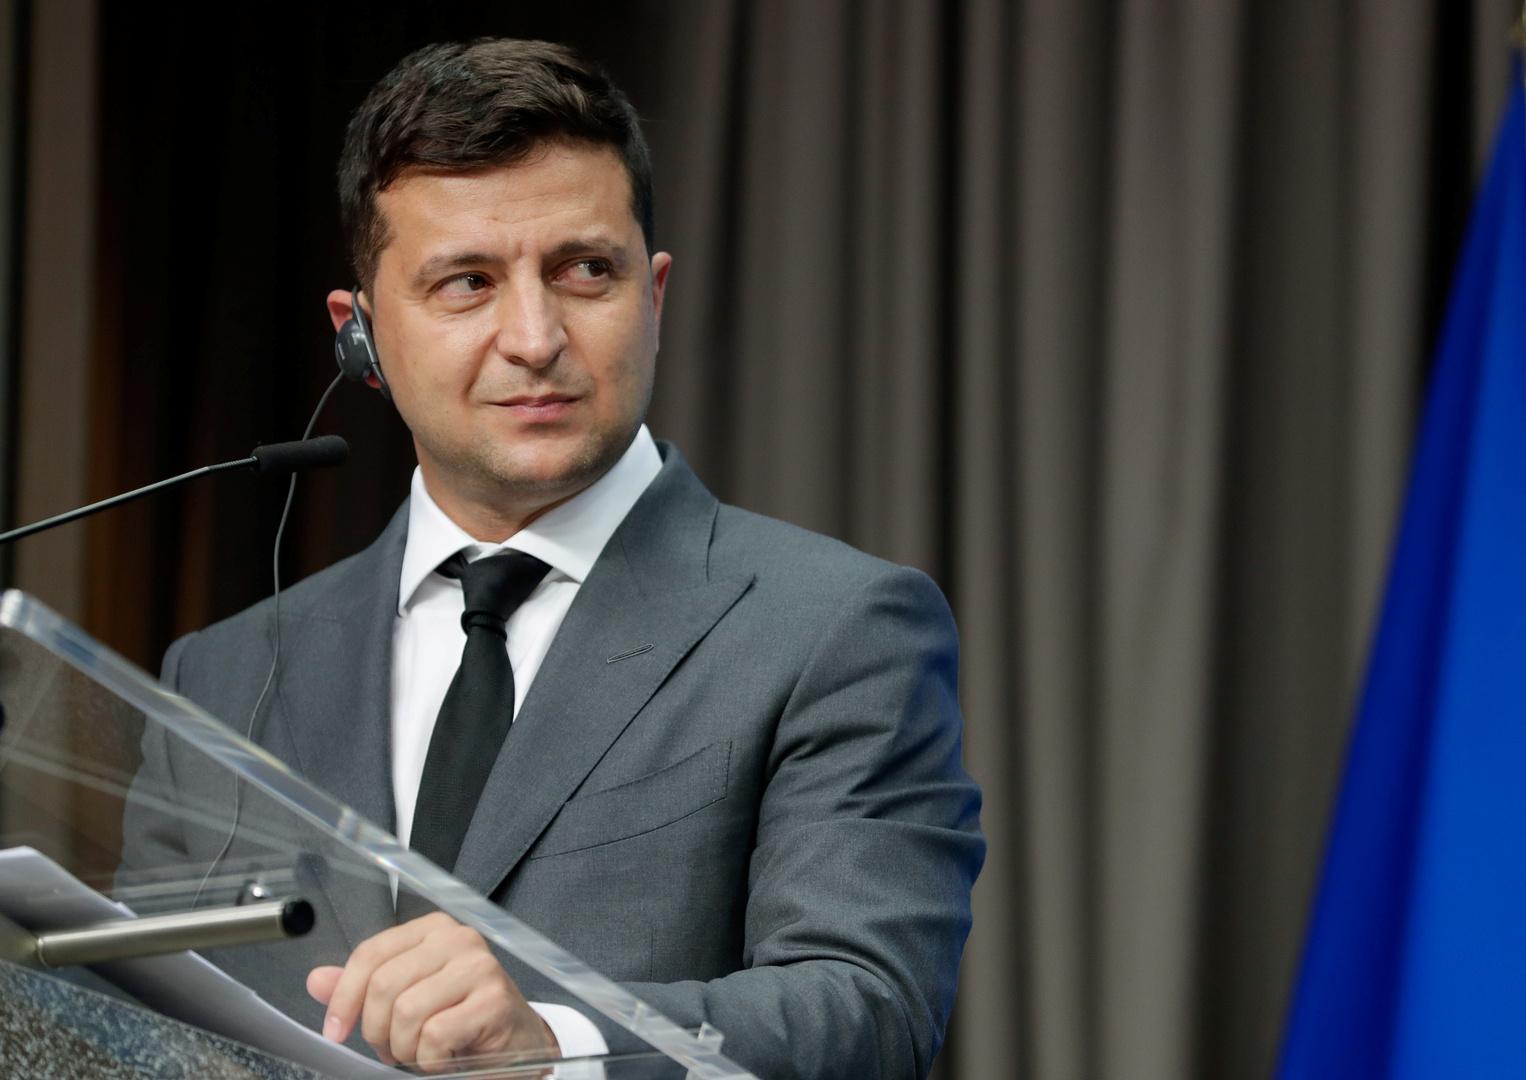 حزب أوكراني يدعو الرئيس زيلينسكي وحكومته للاستقالة بسبب الاتفاقية حول